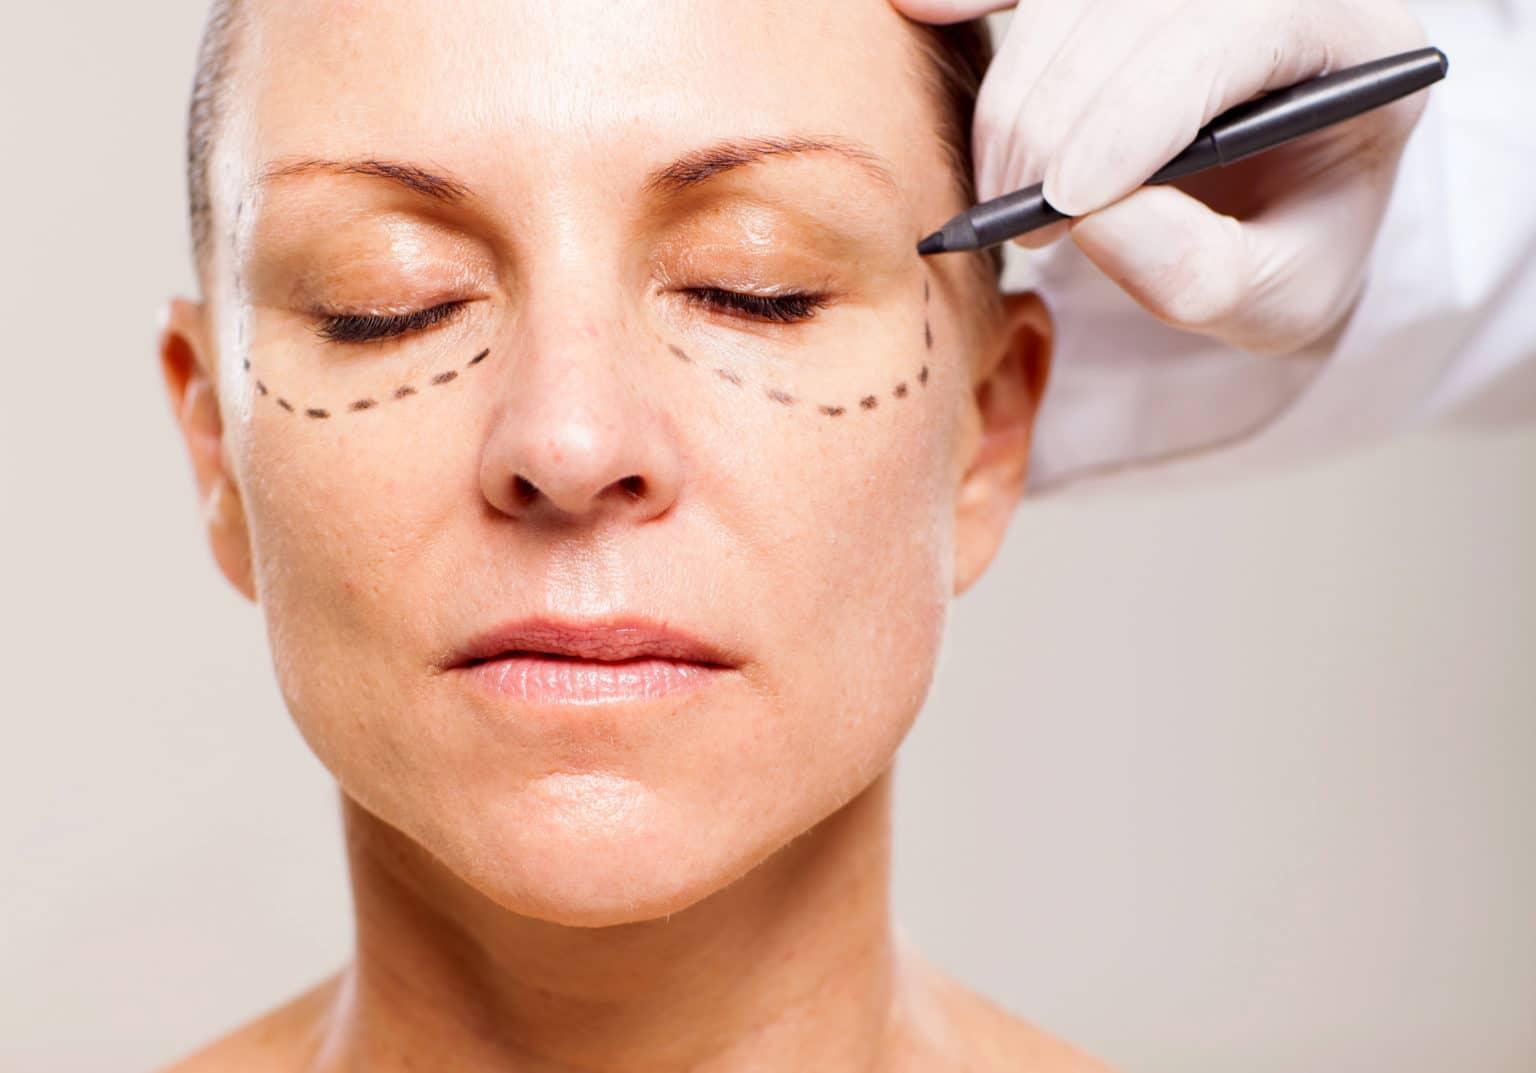 innan en ögonlocksoperation